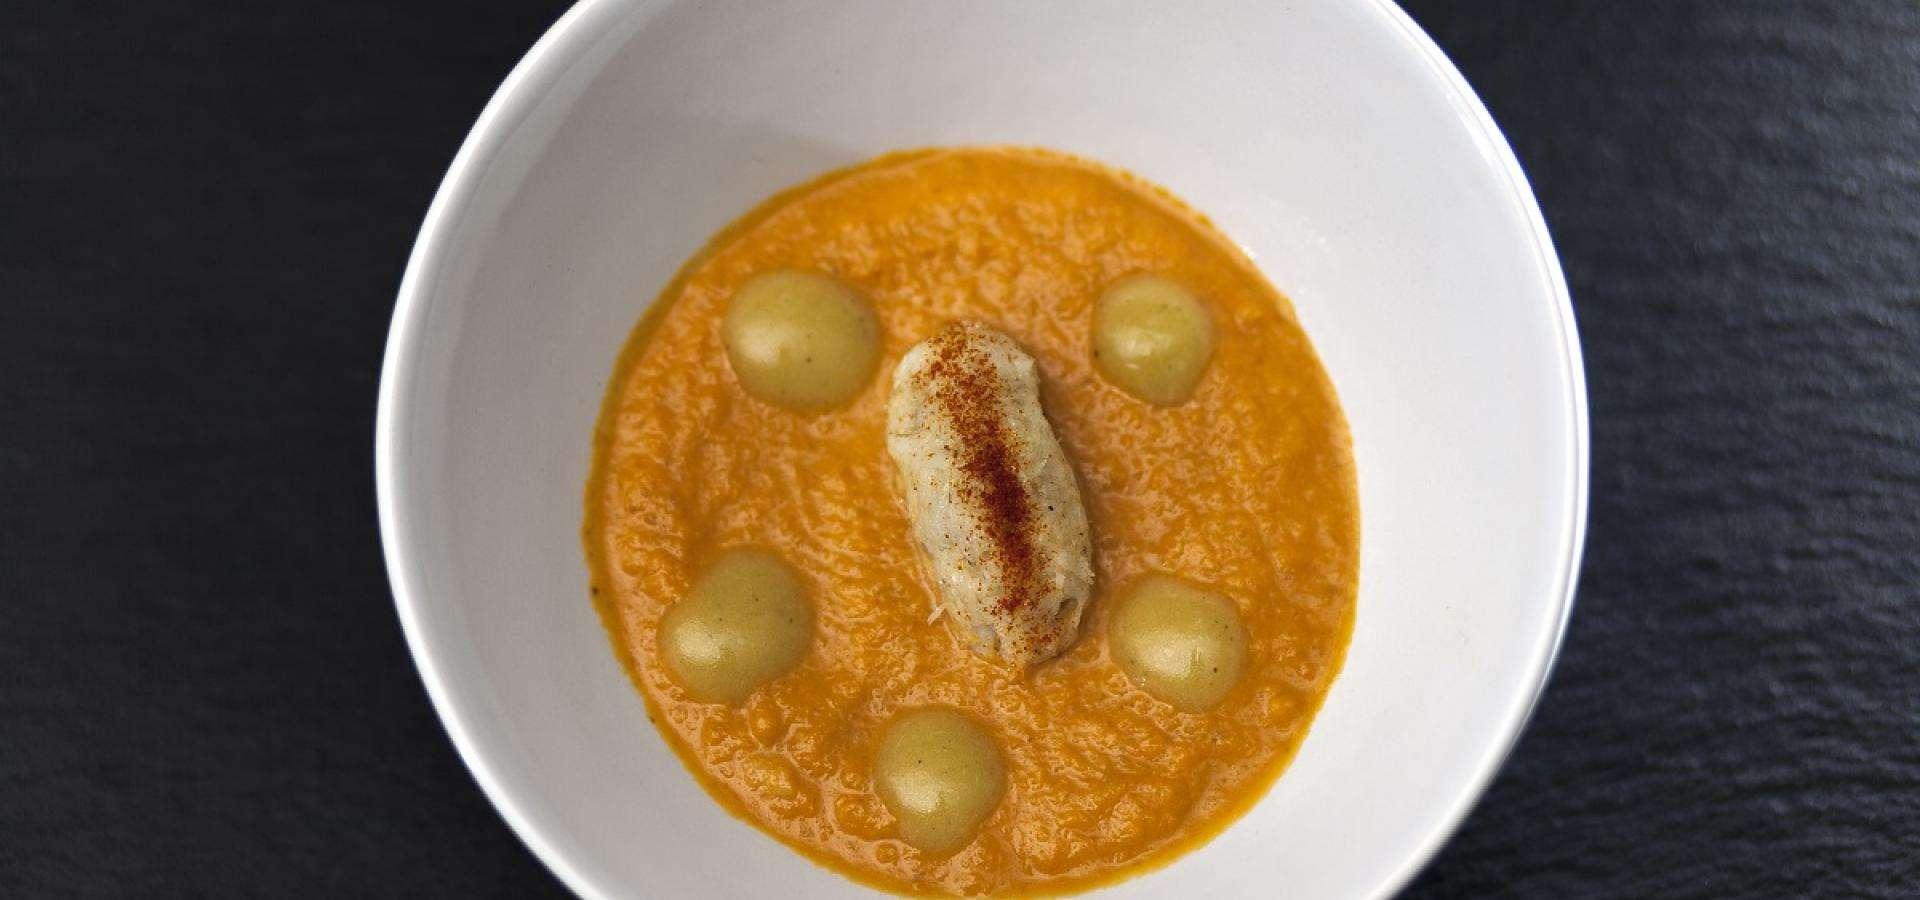 Möhrencremesuppe mit Stockfischpüree und dessen Pil Pil